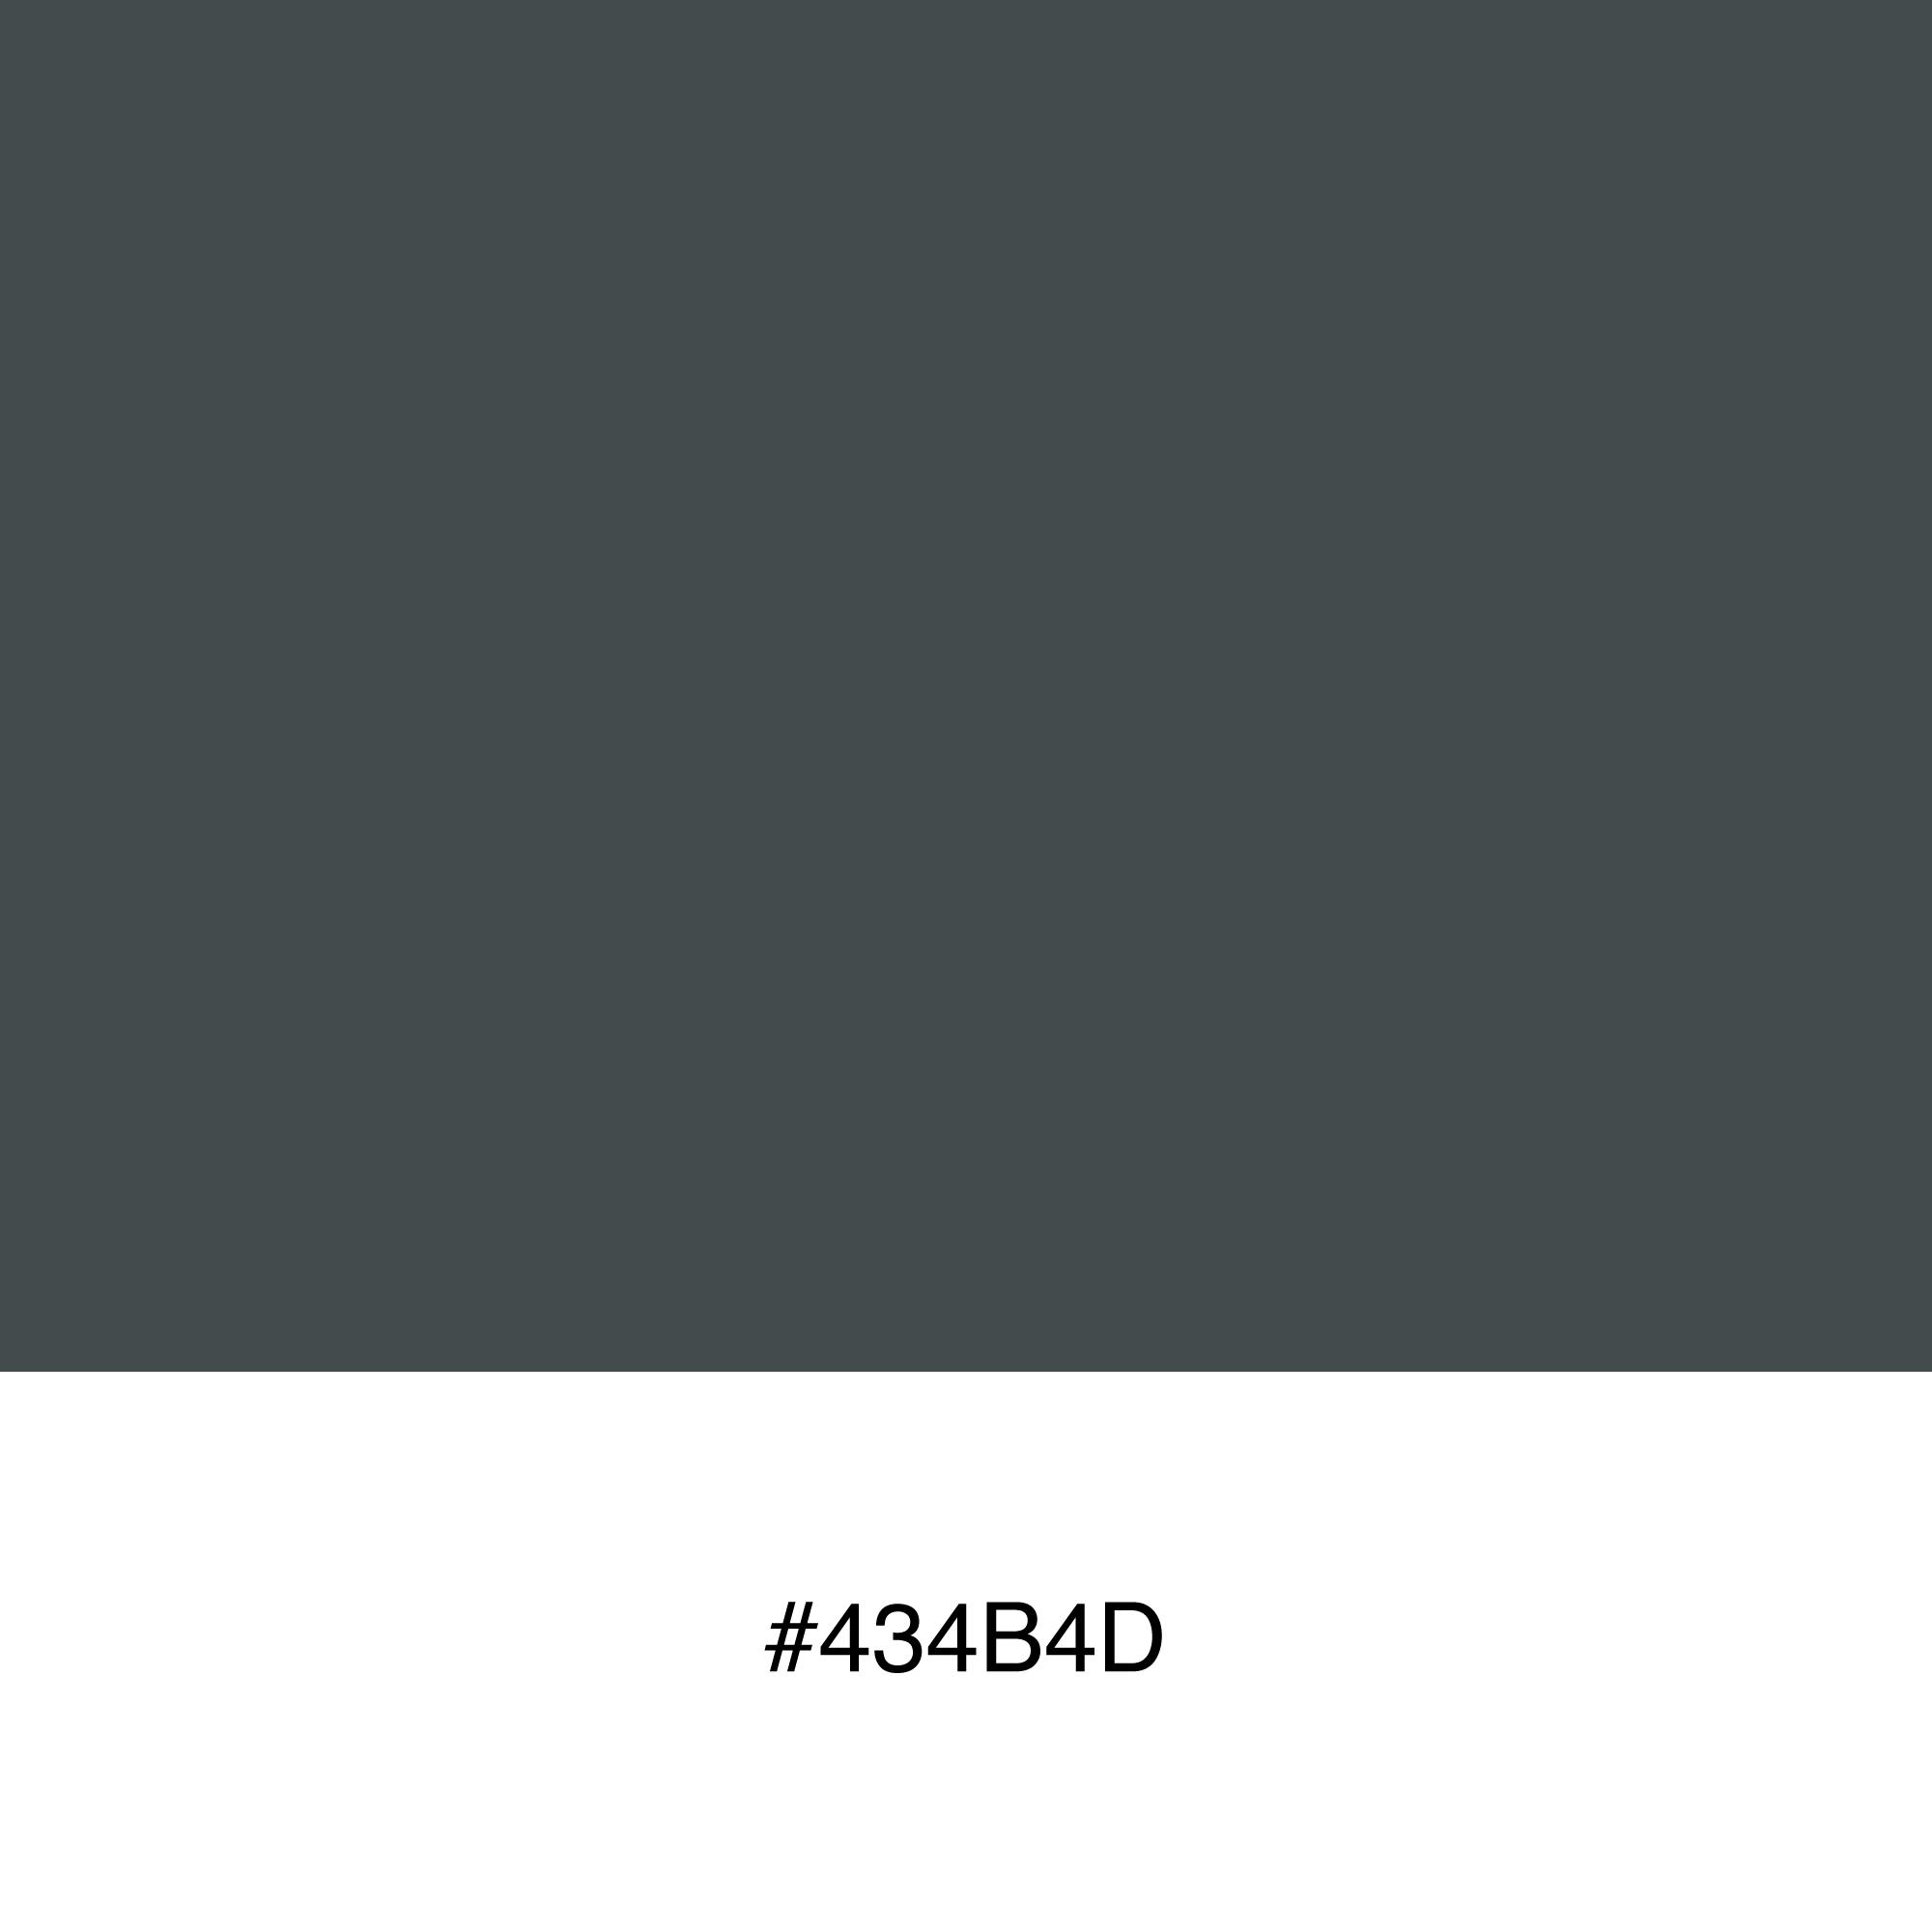 color-swatch-434b4d